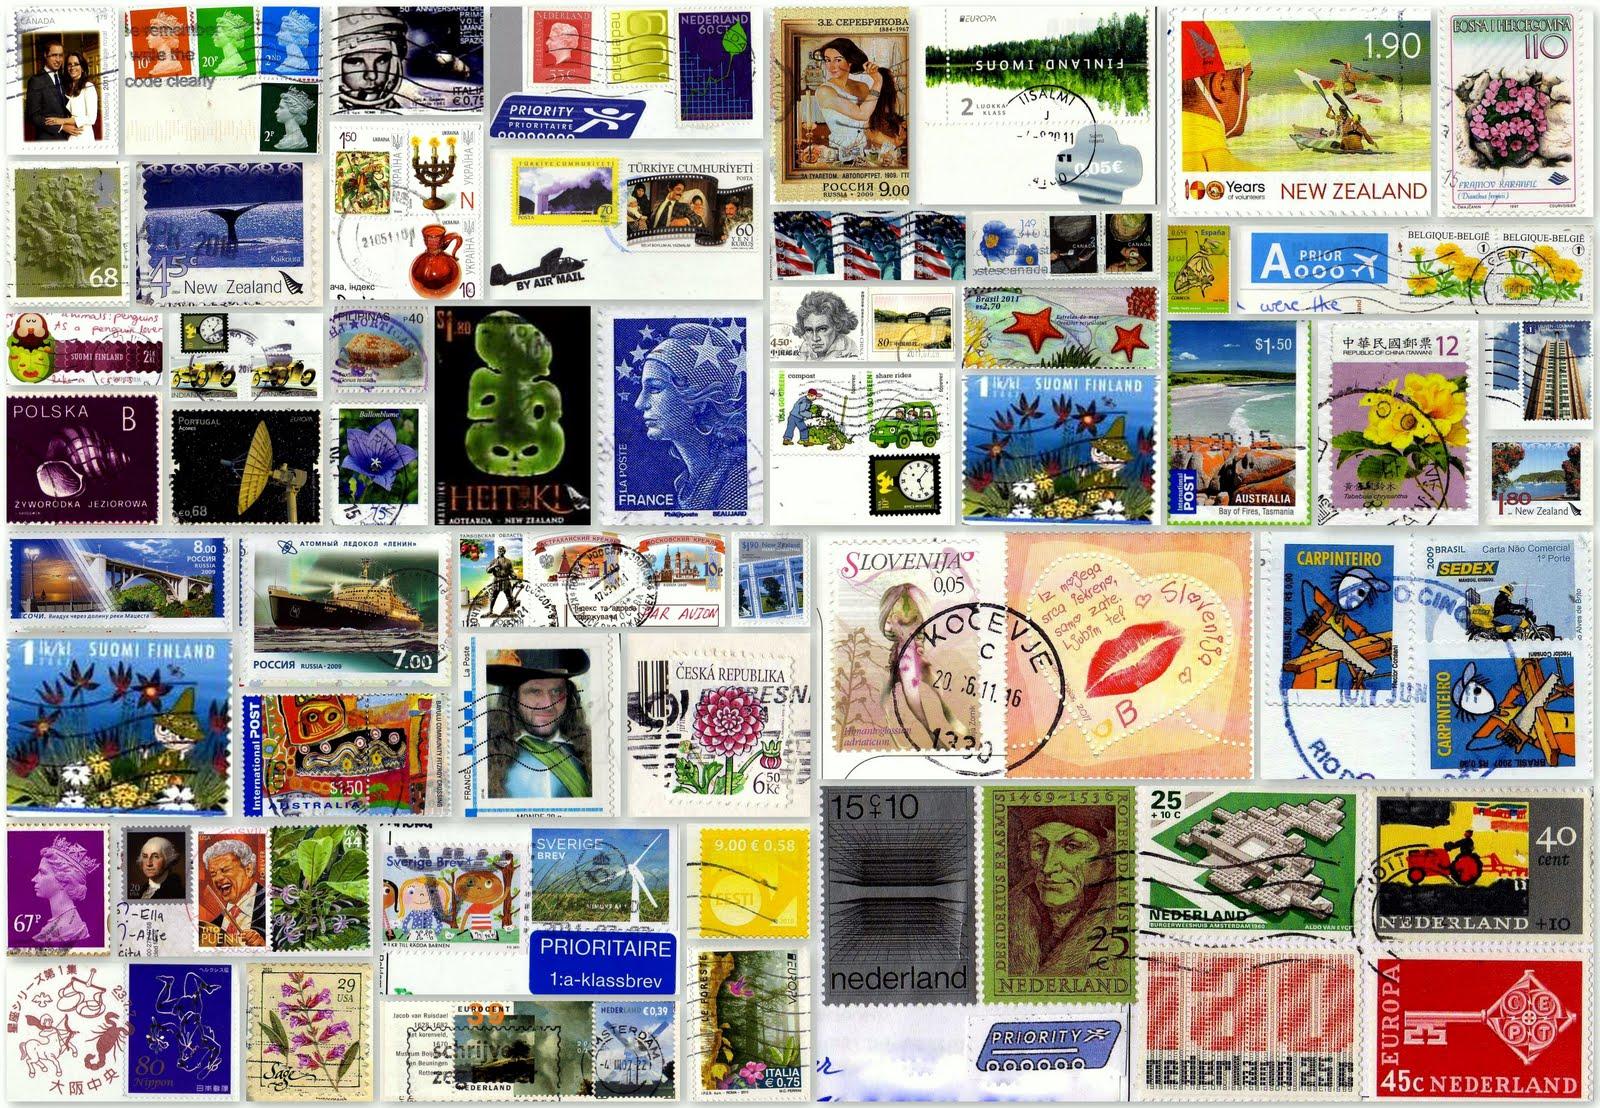 https://i0.wp.com/1.bp.blogspot.com/-A5MiWJOleuk/TkqbIxkA71I/AAAAAAAAAHA/nxWofqAAcbg/s1600/stamps1.jpg